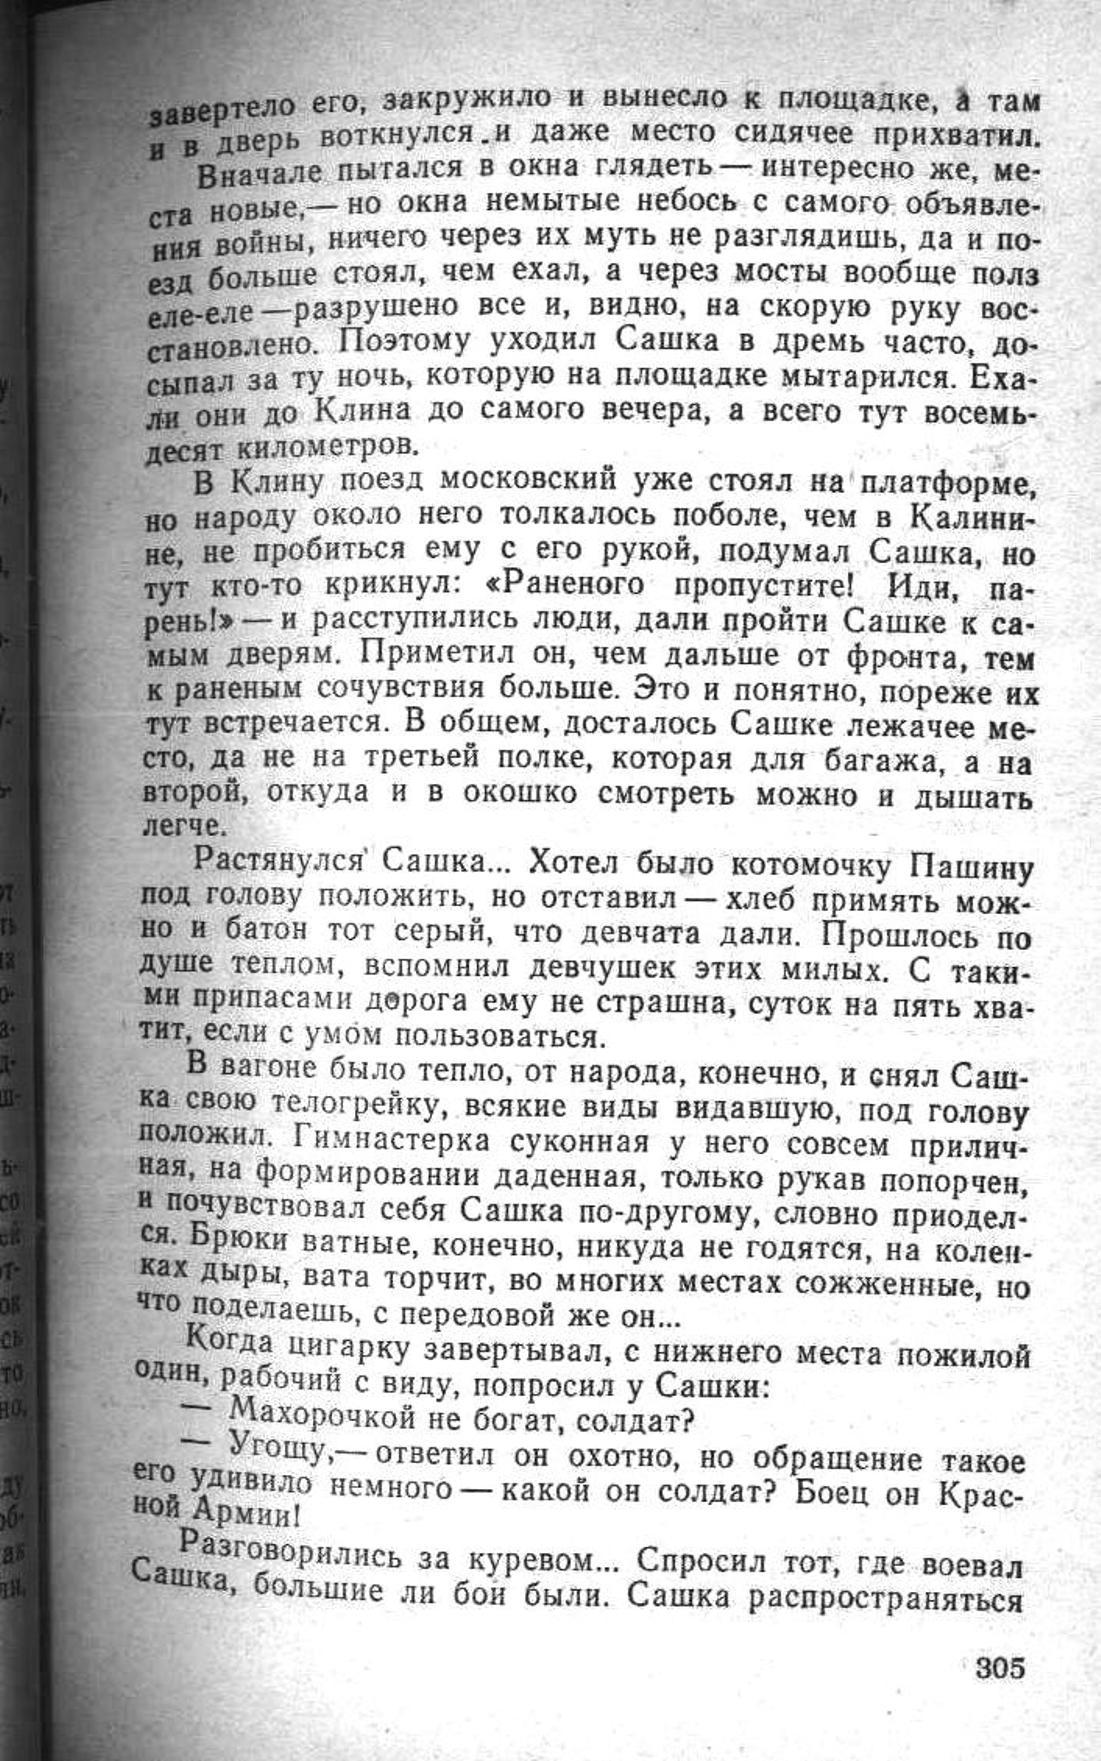 Сашка. Повесть. Вячеслав Кондратьев. 020. 002